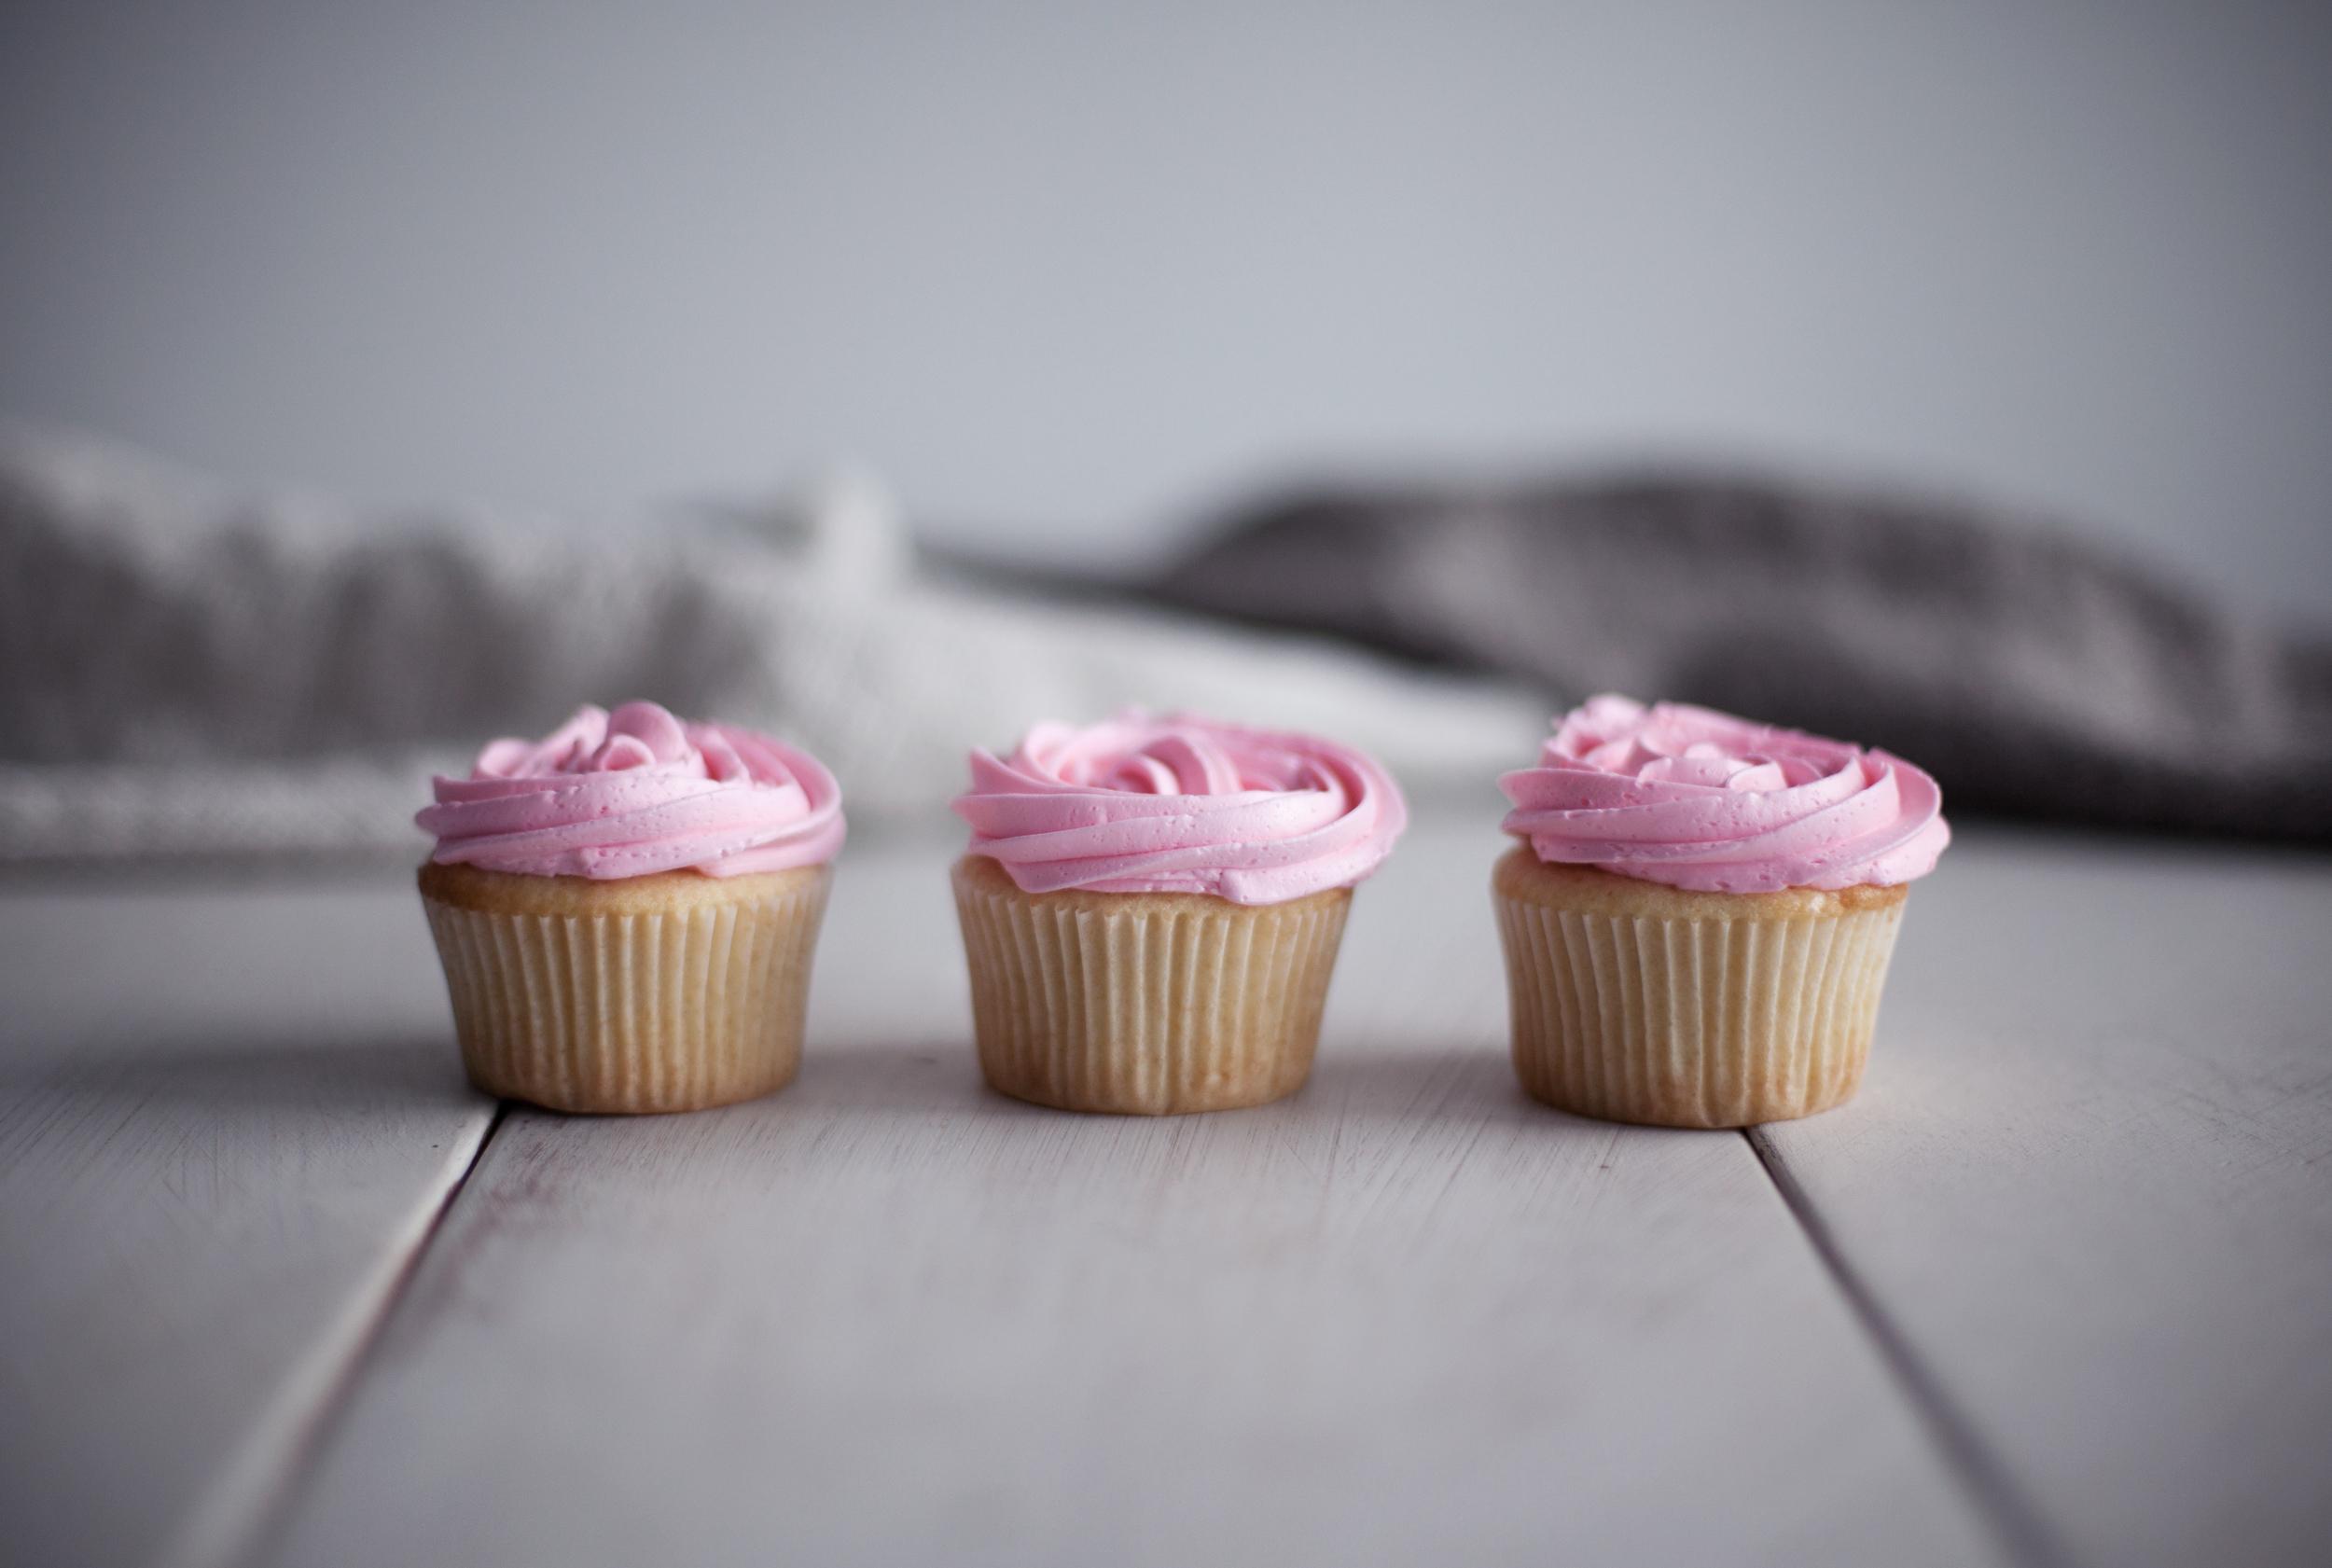 rose cupcakes viii.jpg